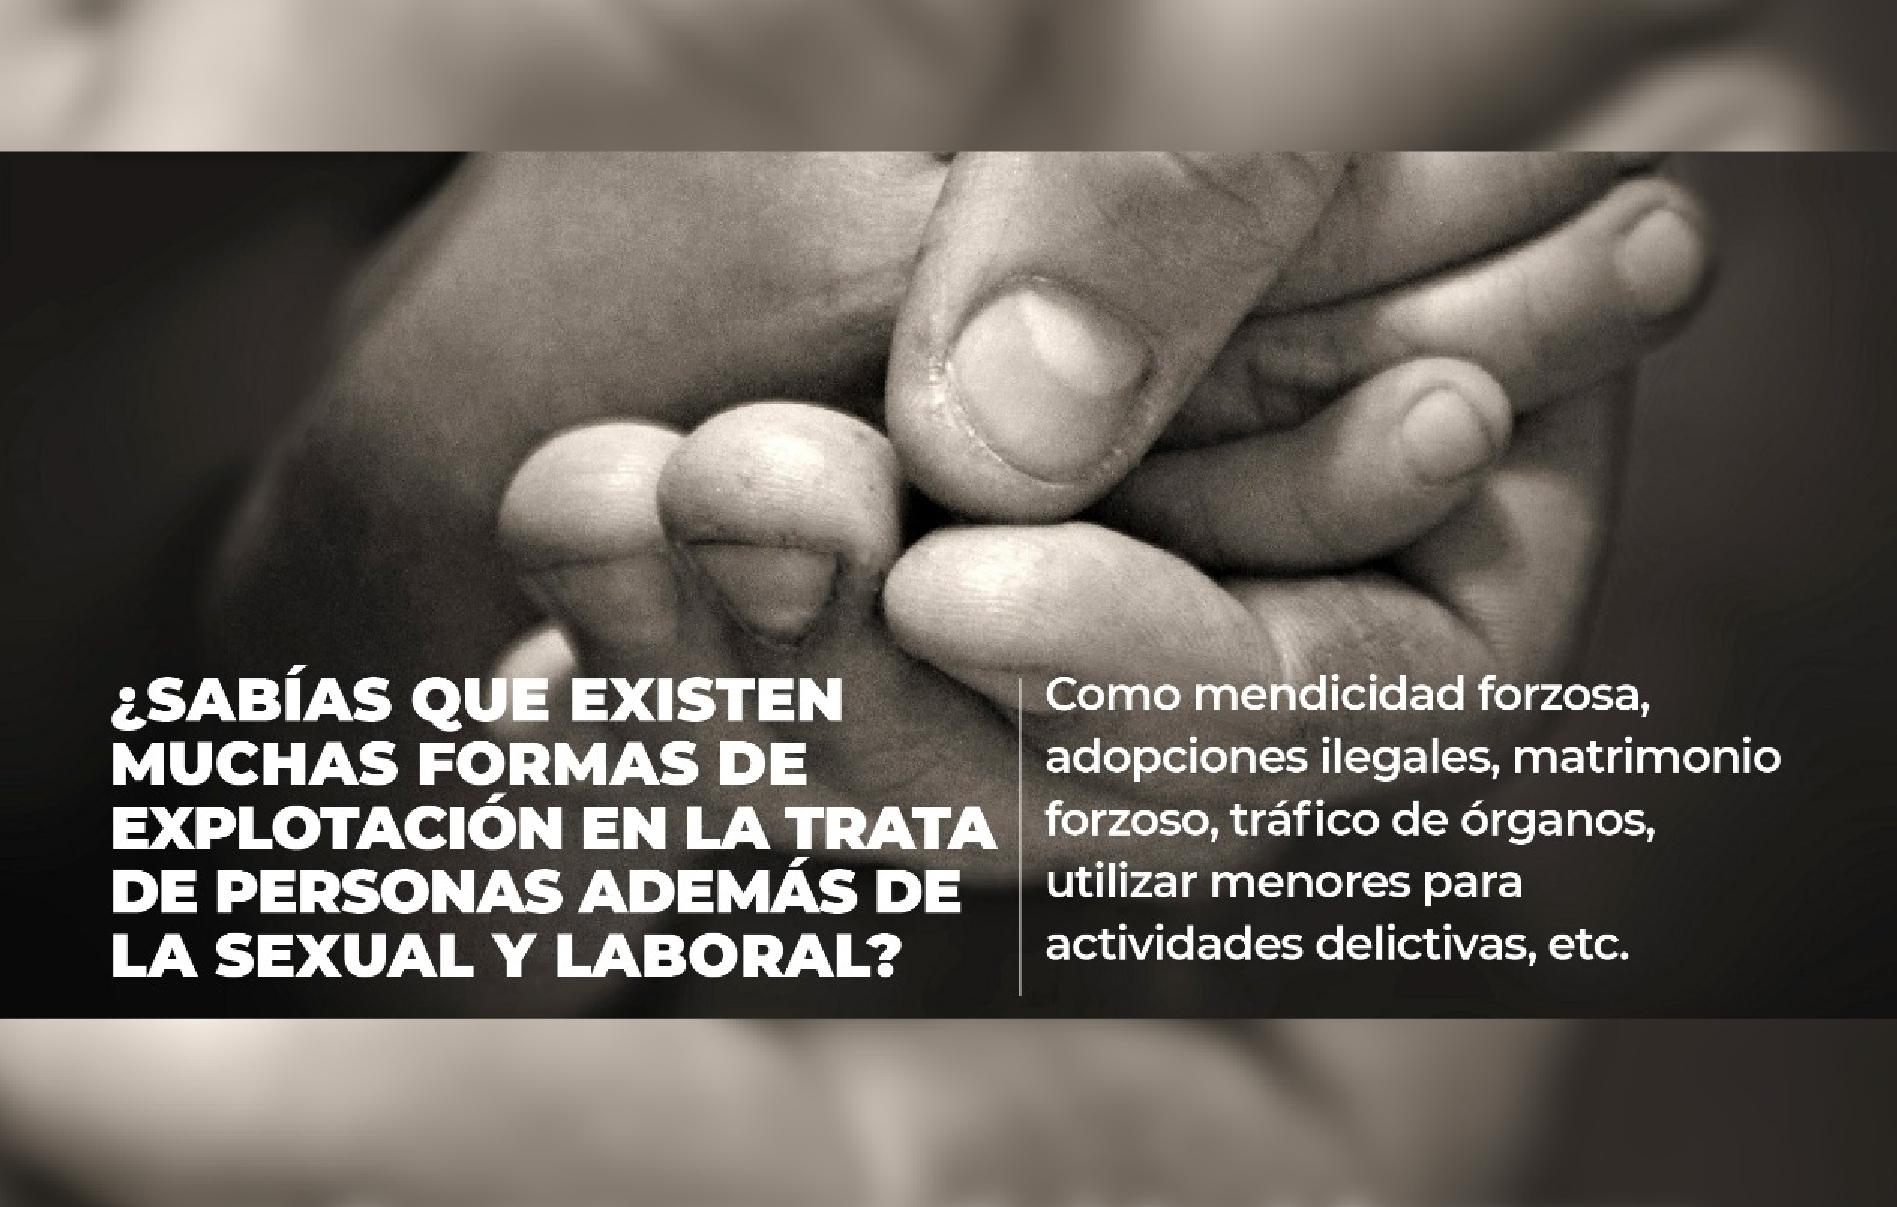 Línea Nacional contra la Trata de Personas 800 5533 000